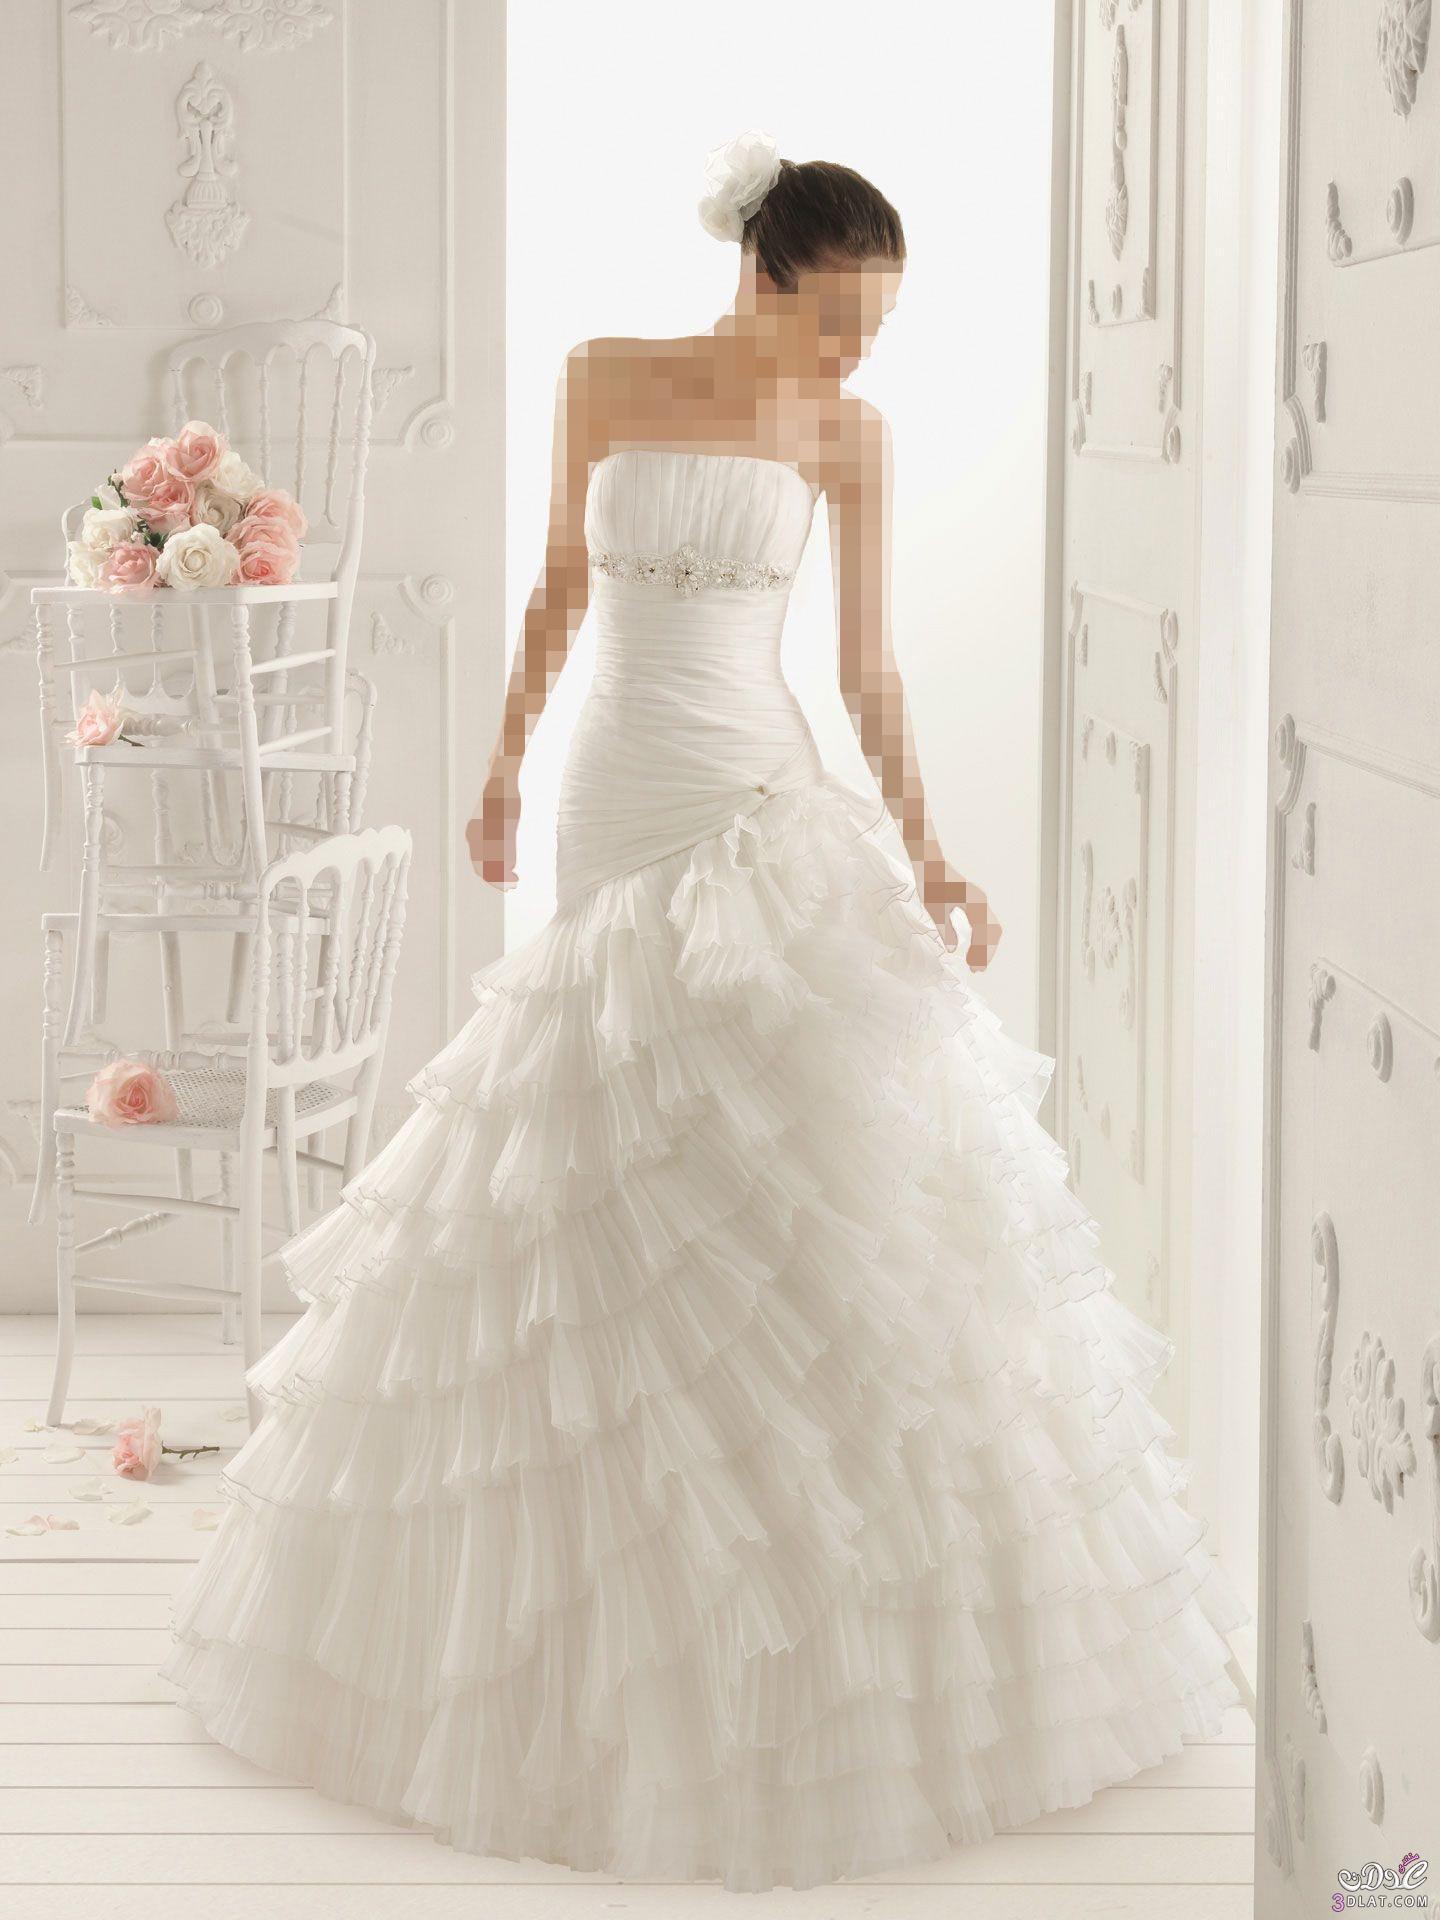 أجمل فستان للزفاف - صور فساتين زفاف 2013_1374706649_112.